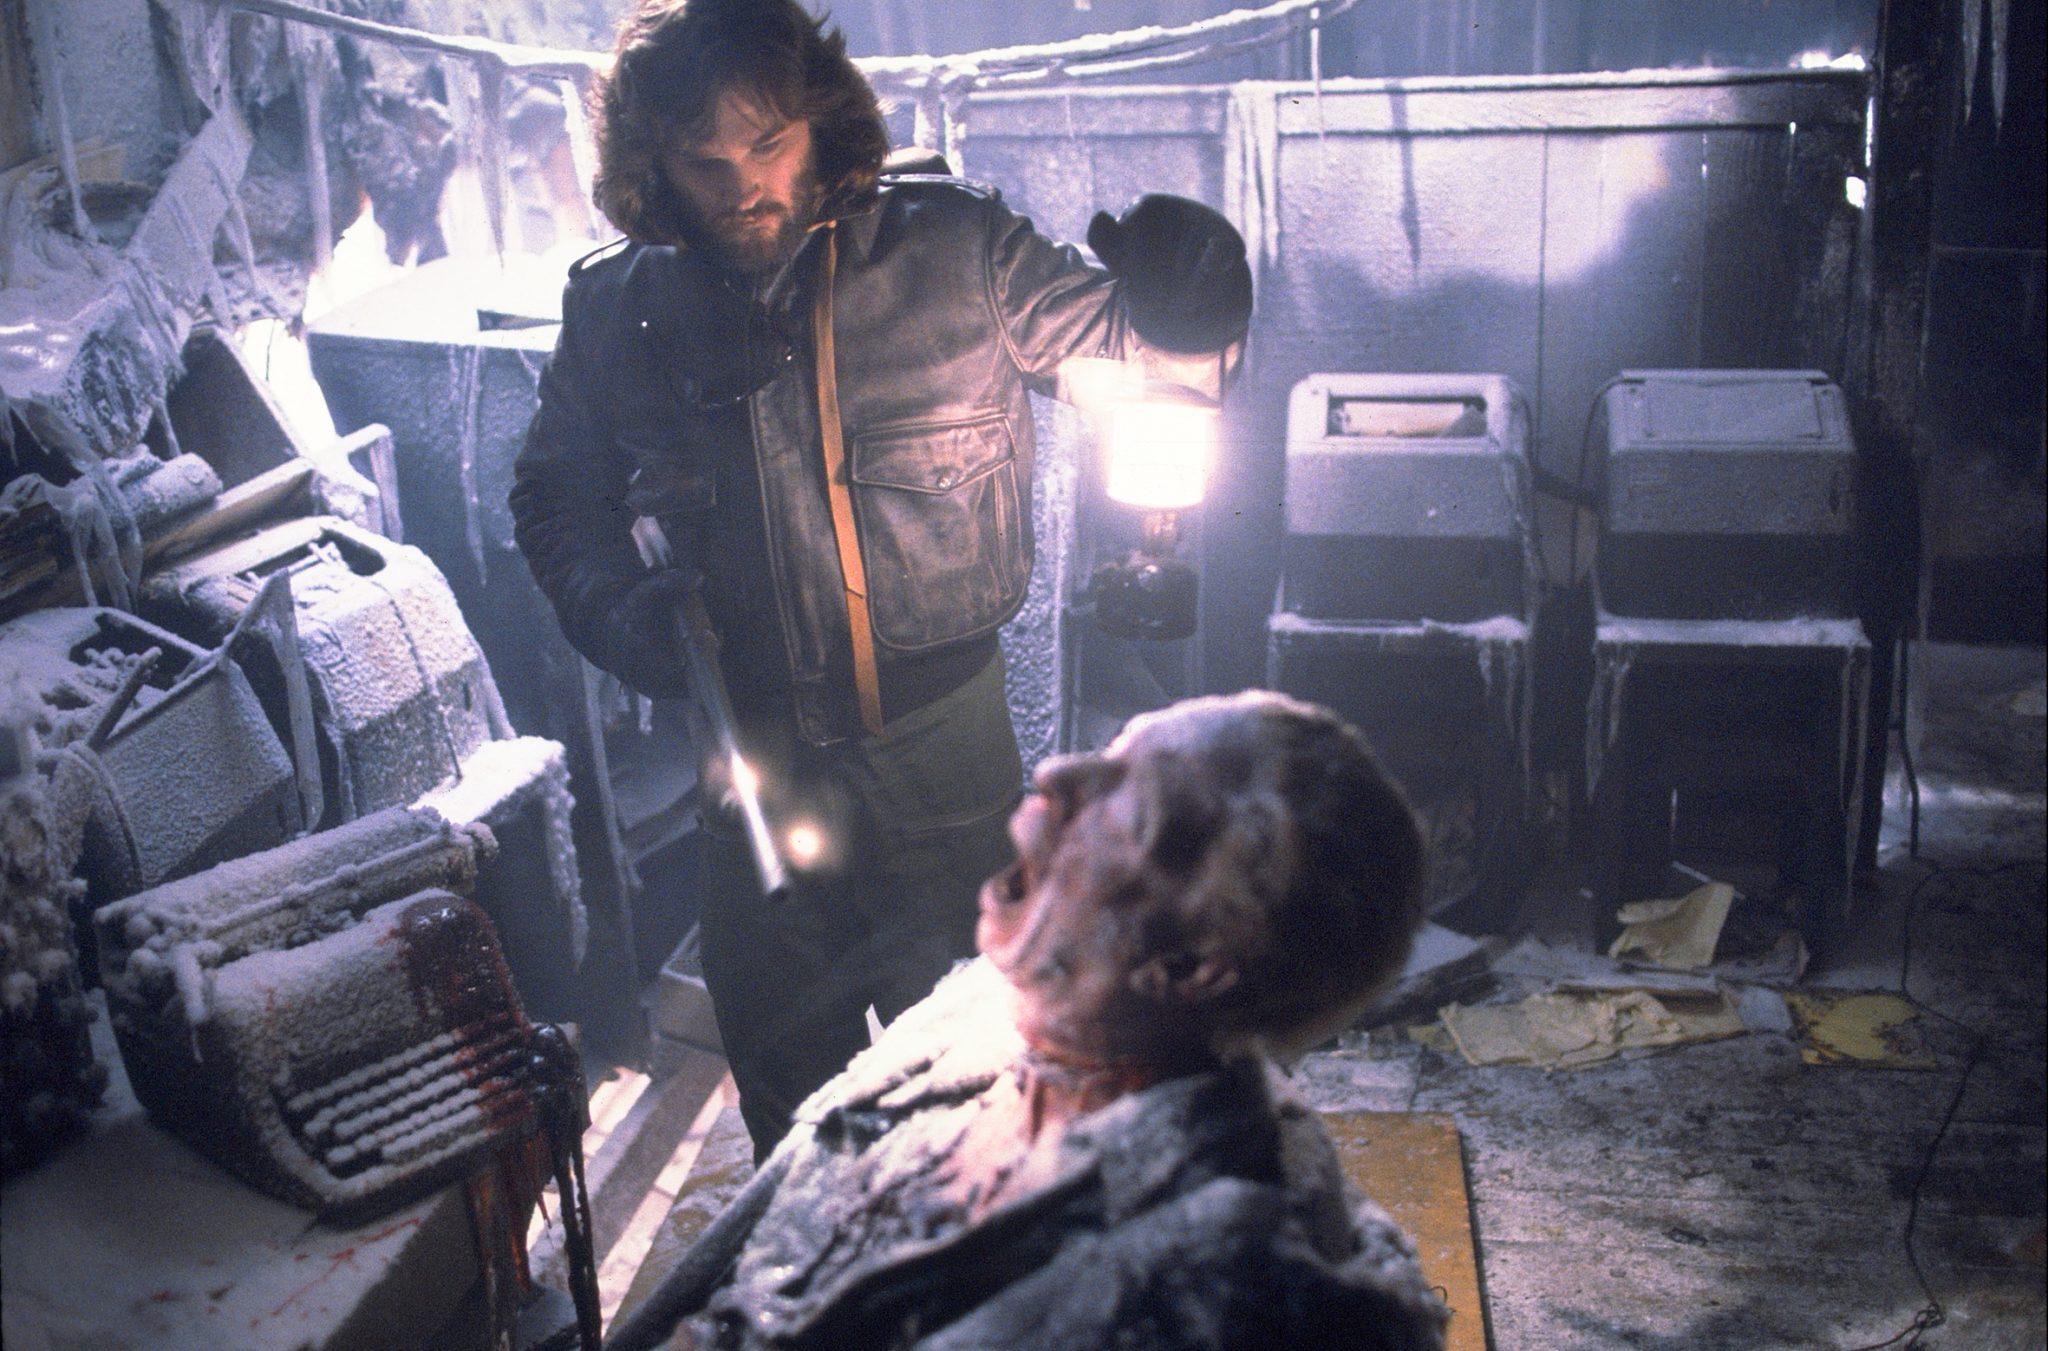 """Filme der 80er: Kurt Russell entdeckt komplett gefrorene Leichen in John Carpenters """"Das Ding aus einer anderen Welt"""""""